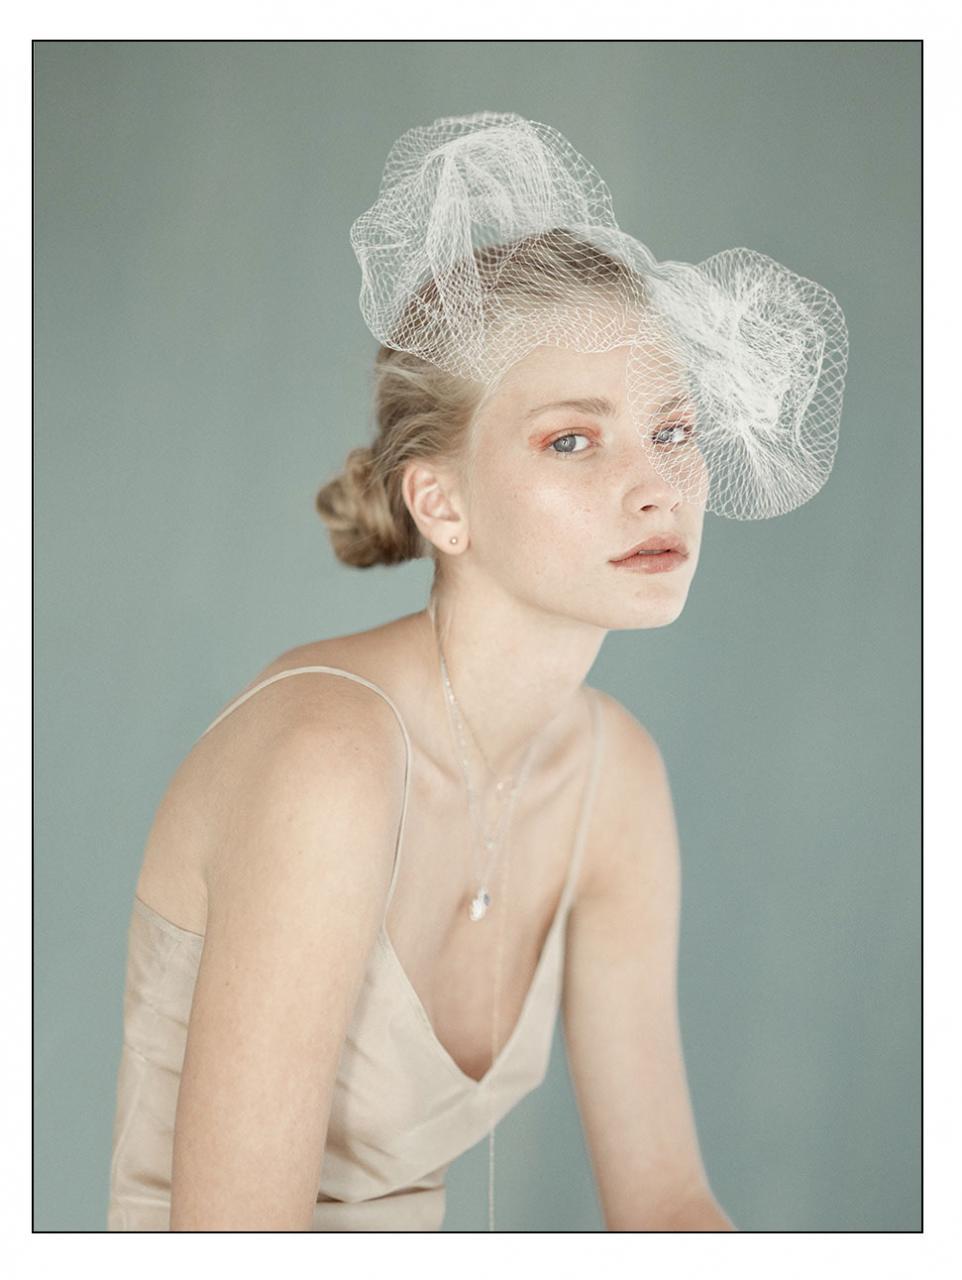 俄罗斯摄影师Elena Iv-skaya 人像摄影作品 审美灵感 第5张